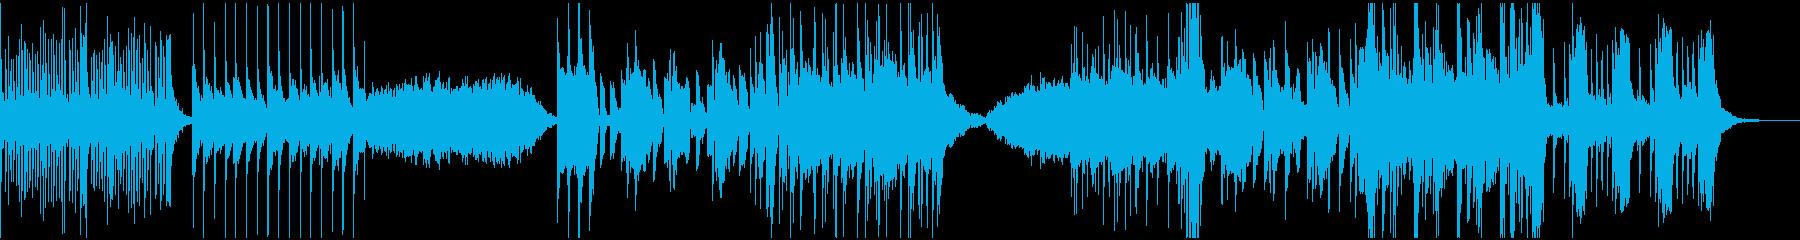 バイオリンをメインとしたエレクトリックの再生済みの波形